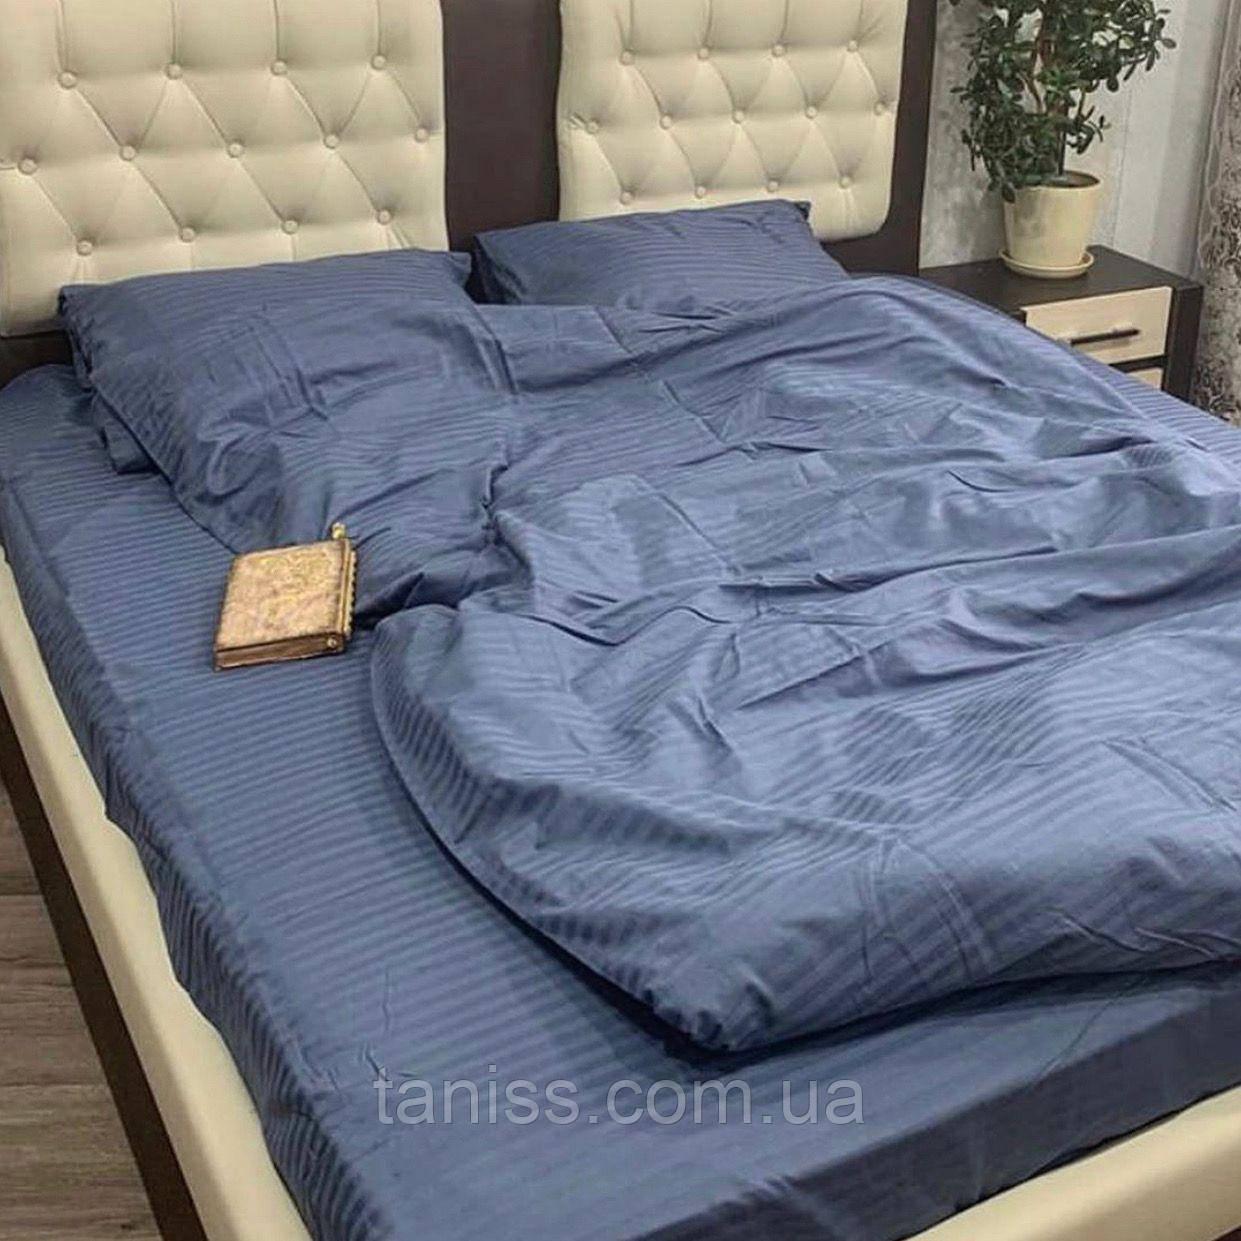 Евро набор постельного белья из страйп-сатина, 100% хлопок, цвет серый